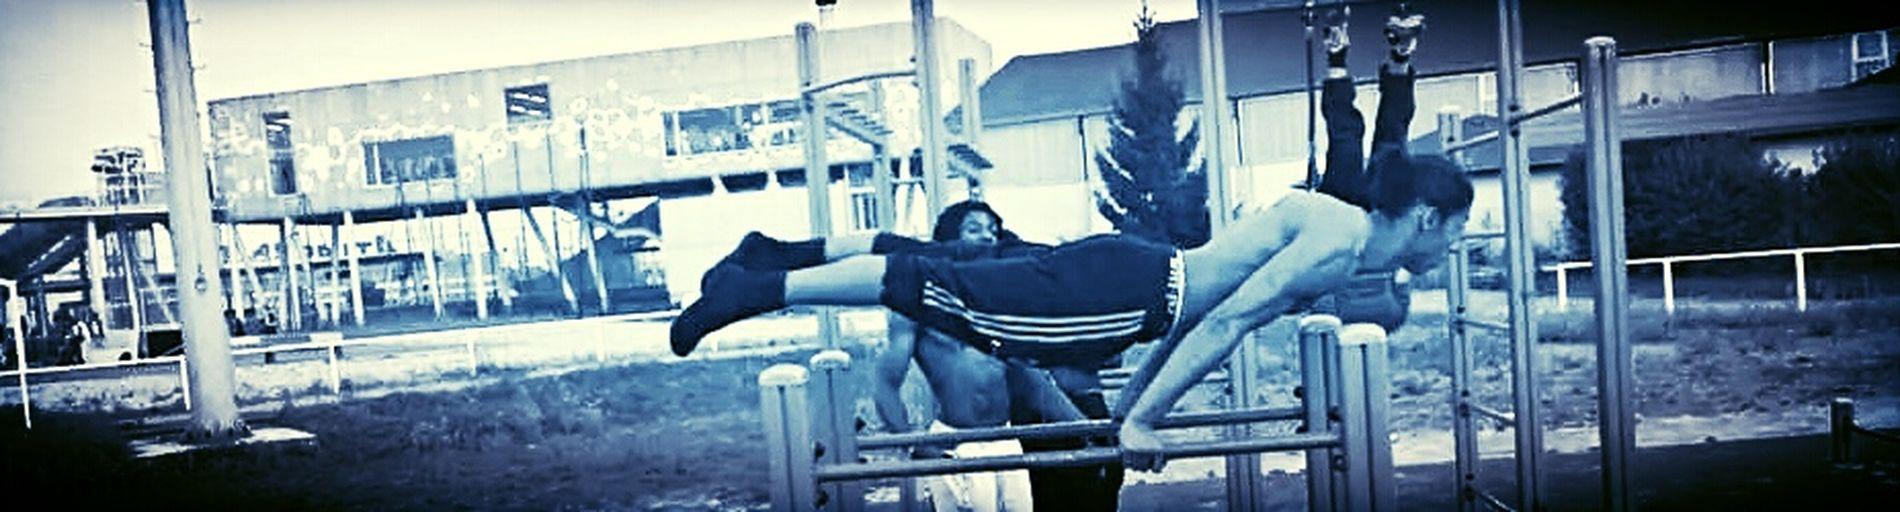 On ne devient pas champion dans un gymnase. On devient champion grâce à ce qu'on ressent ; un désir, un rêve, une vision. On doit avoir du talent et de la technique. Mais le talent doit être plus fort que la technique. ( Mohamed Ali ) Street Workout Full Planche